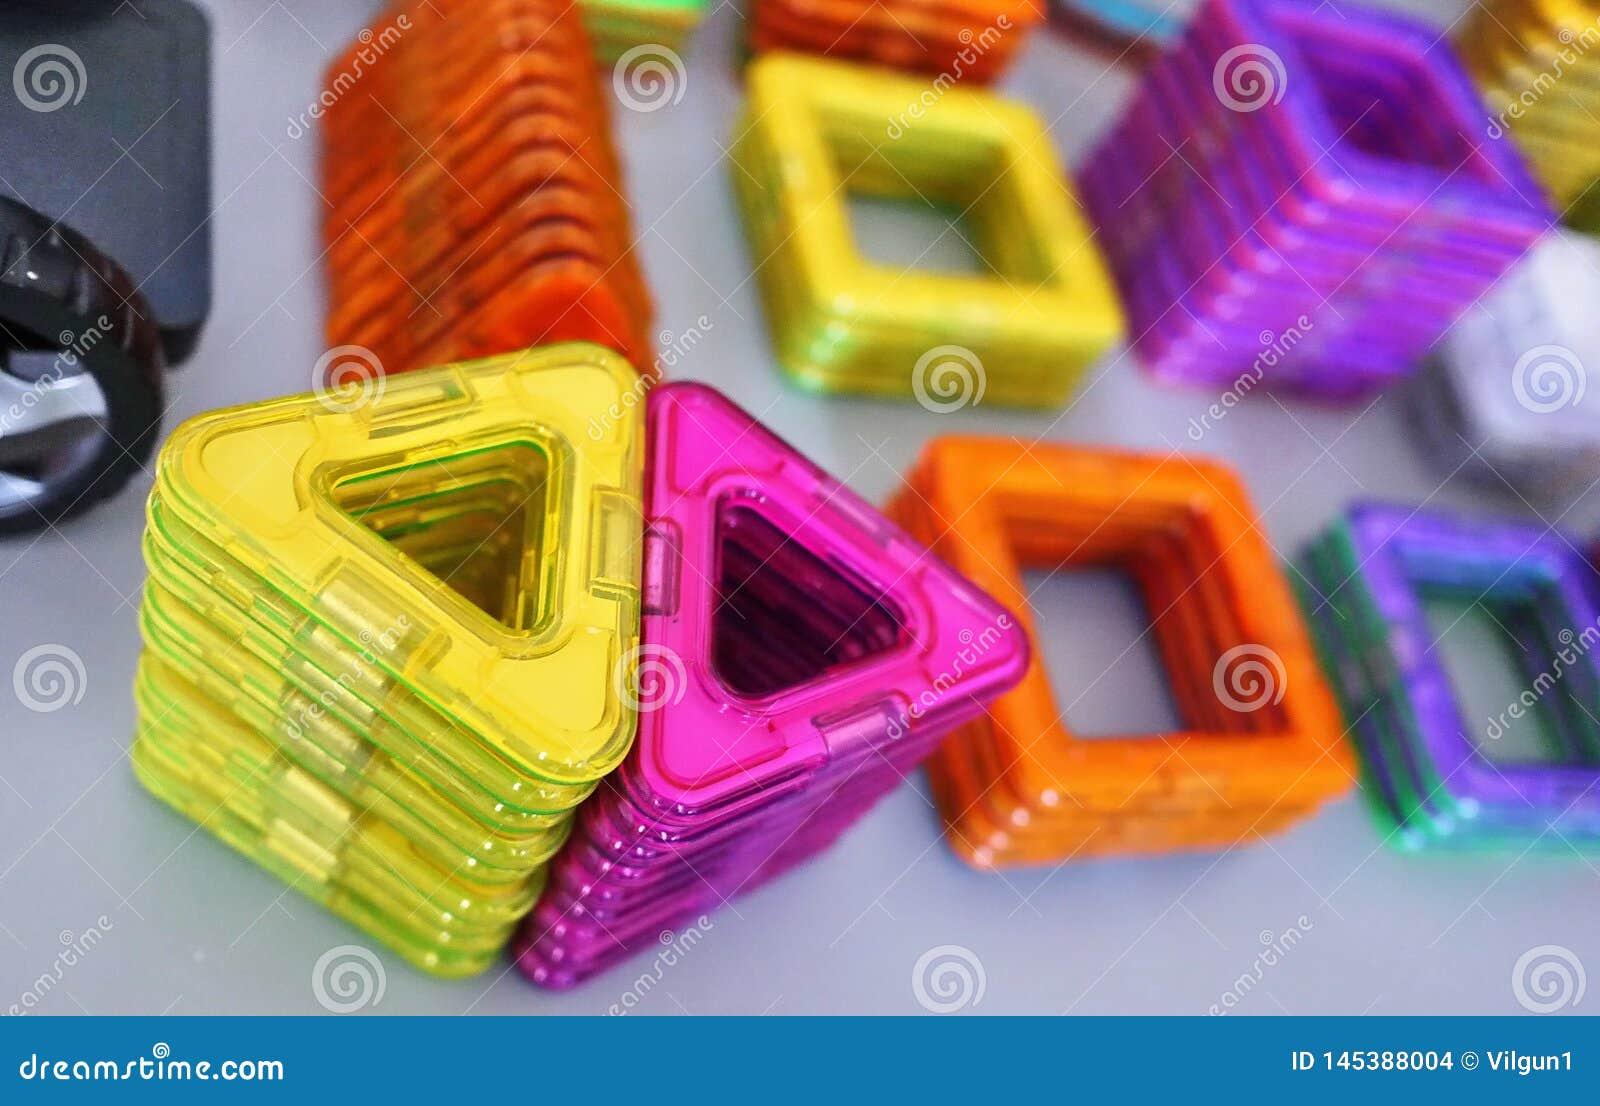 Яркие геометрические формы на магнитном основании этих диаграмм, диза